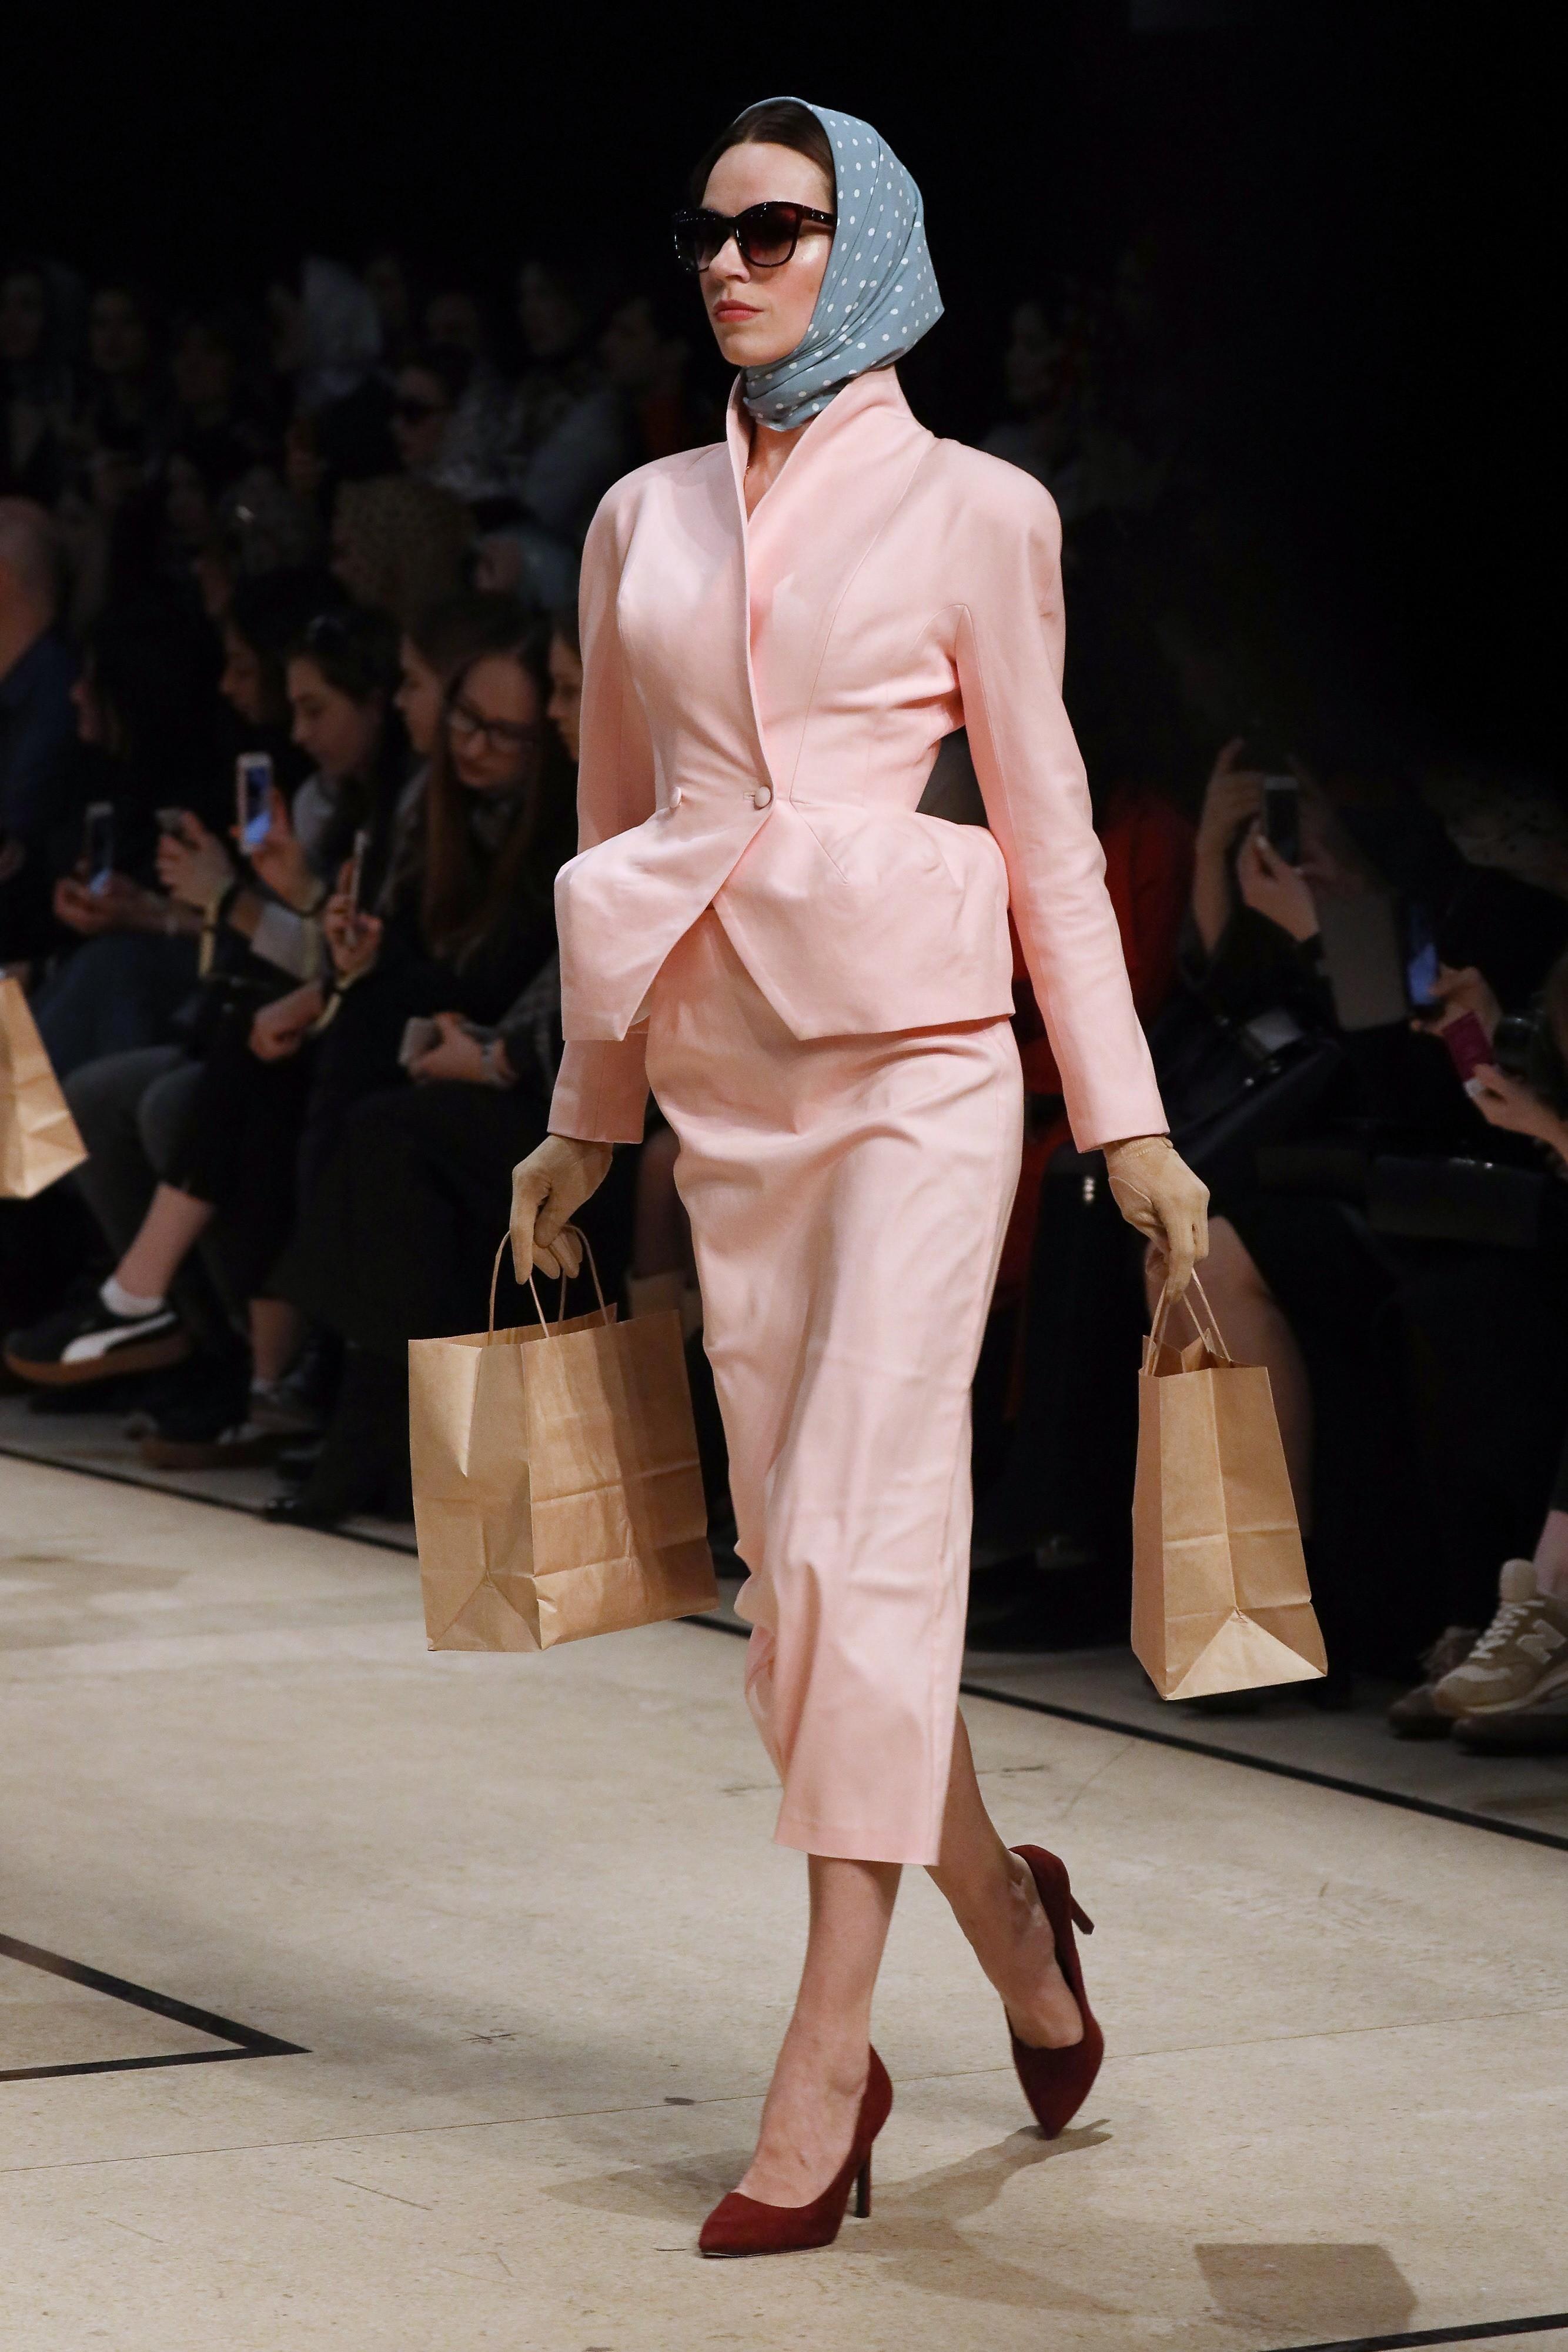 Финальный день Mercedes-Benz Fashion Week открывал п...